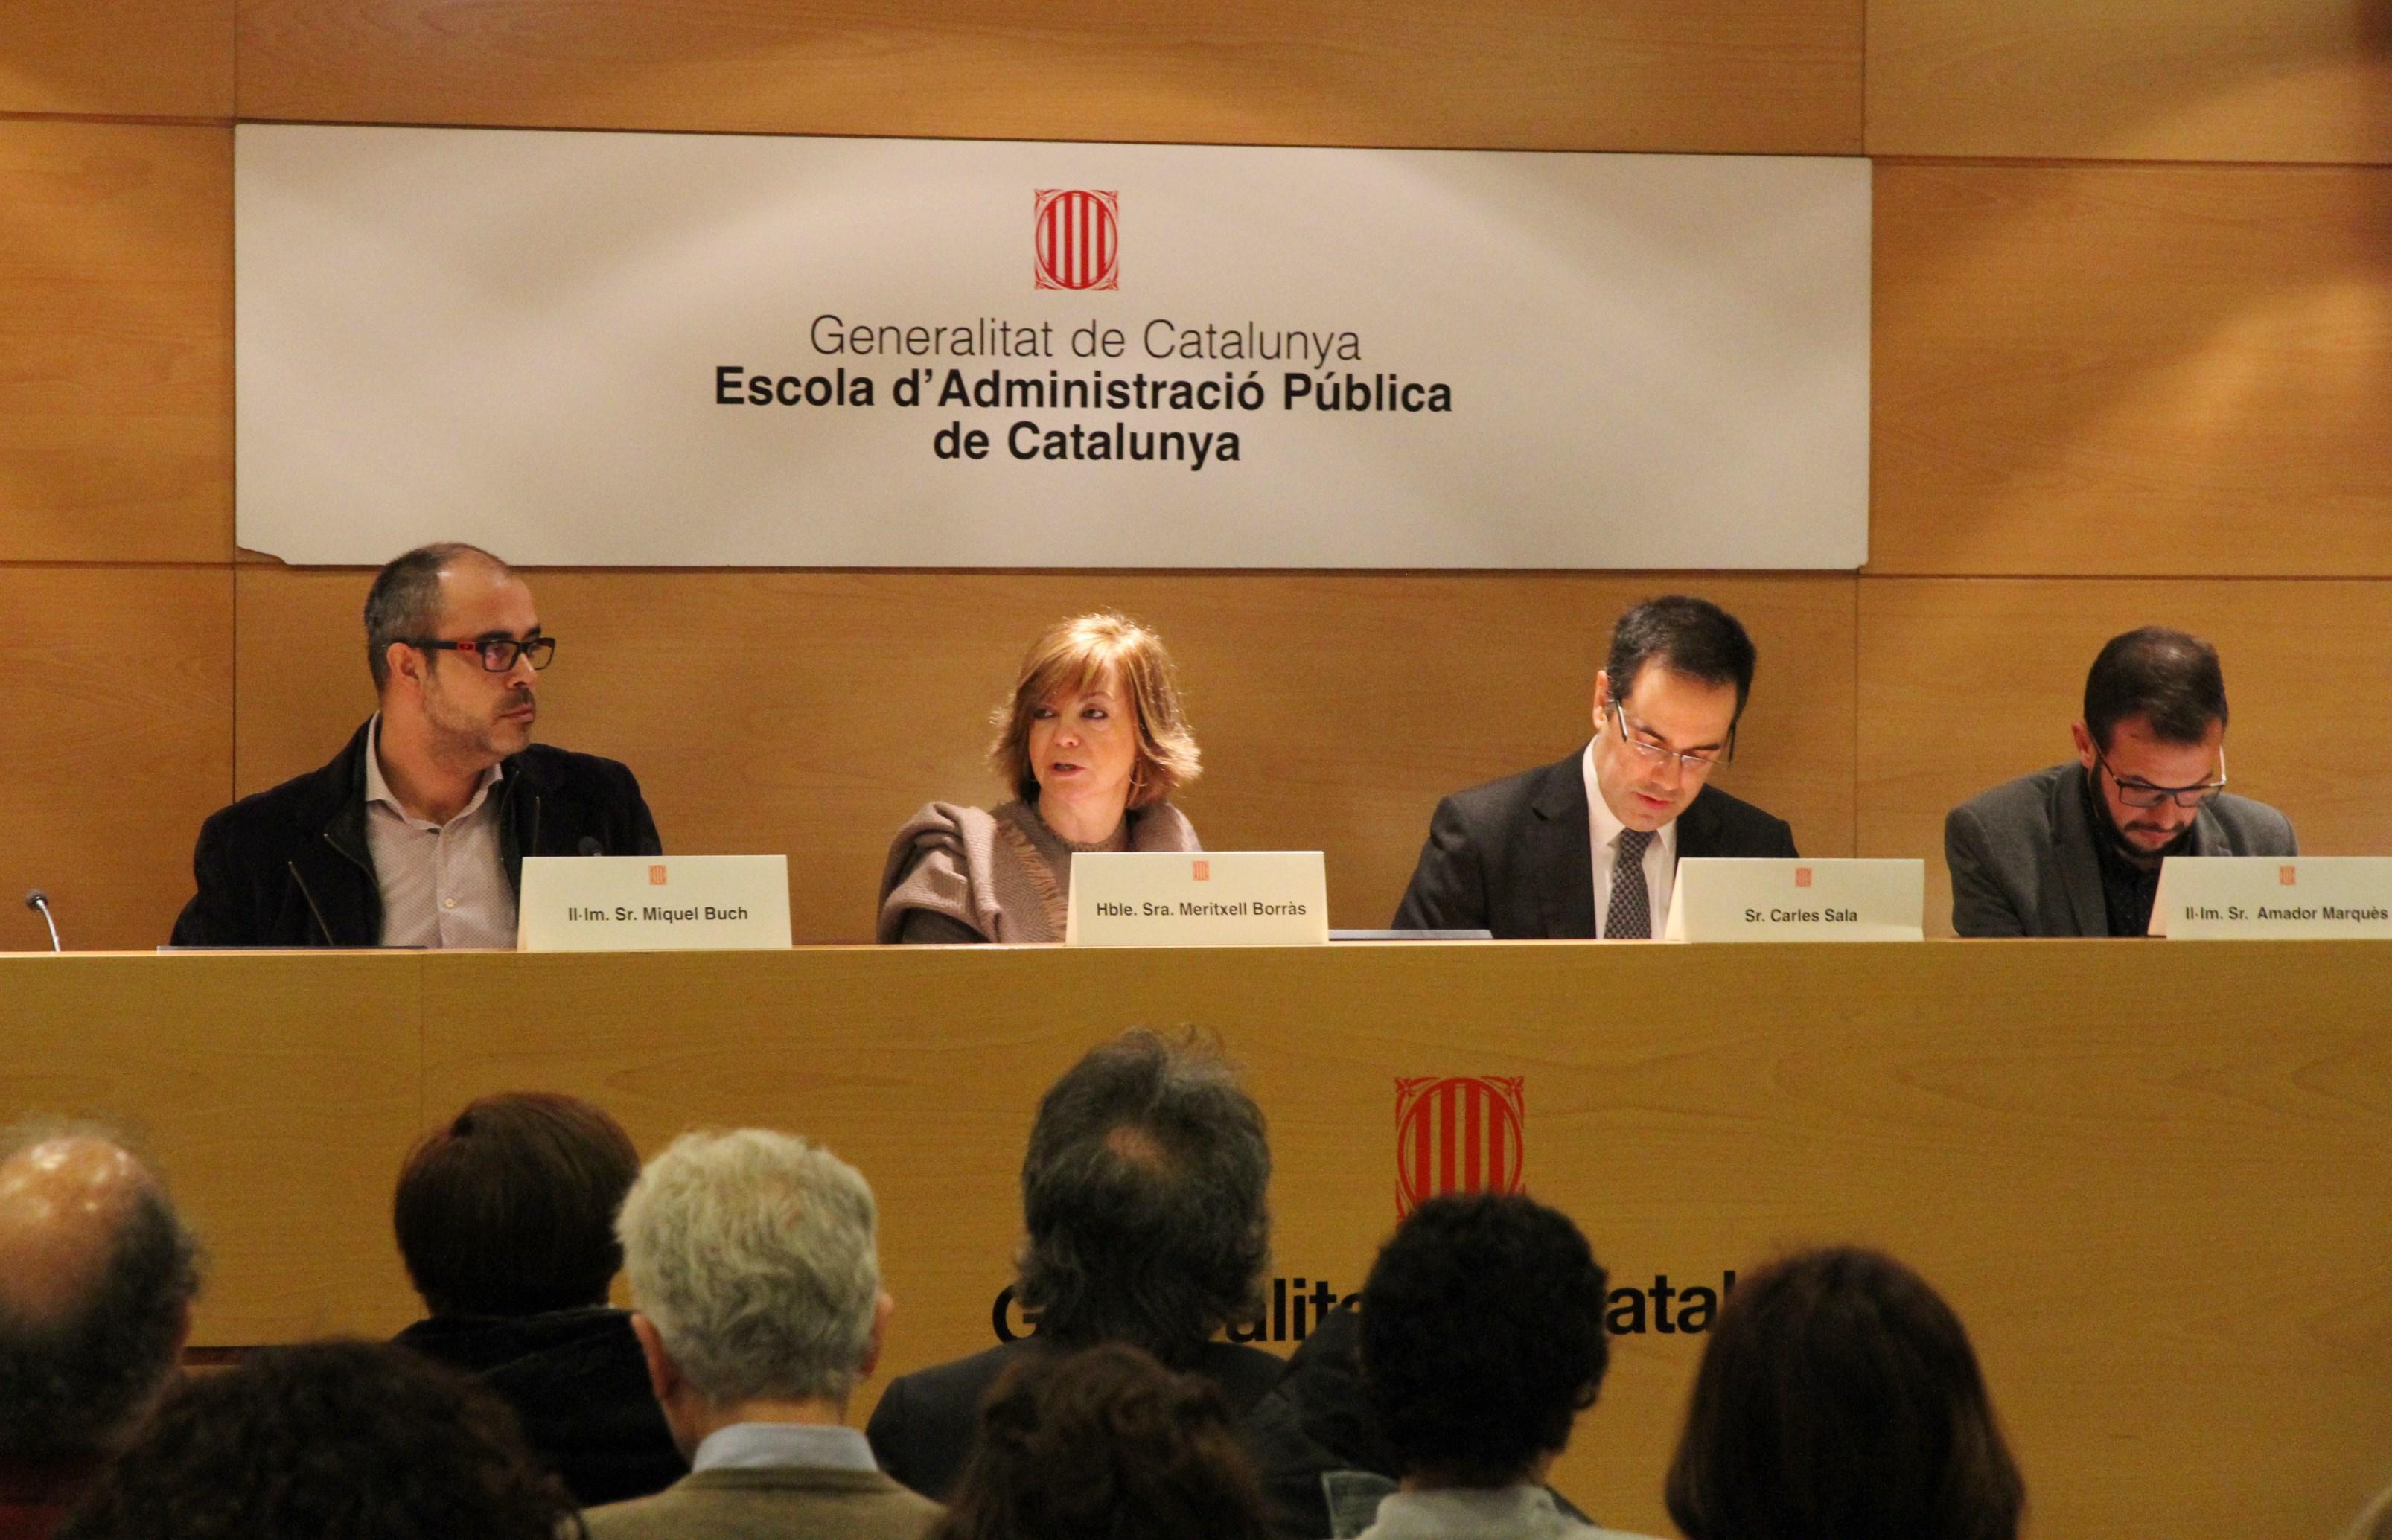 La consellera de Vivienda, Meritxell Borràs, en la jornada de formación de la ley 4/2016 / Generalitat de Catalunya